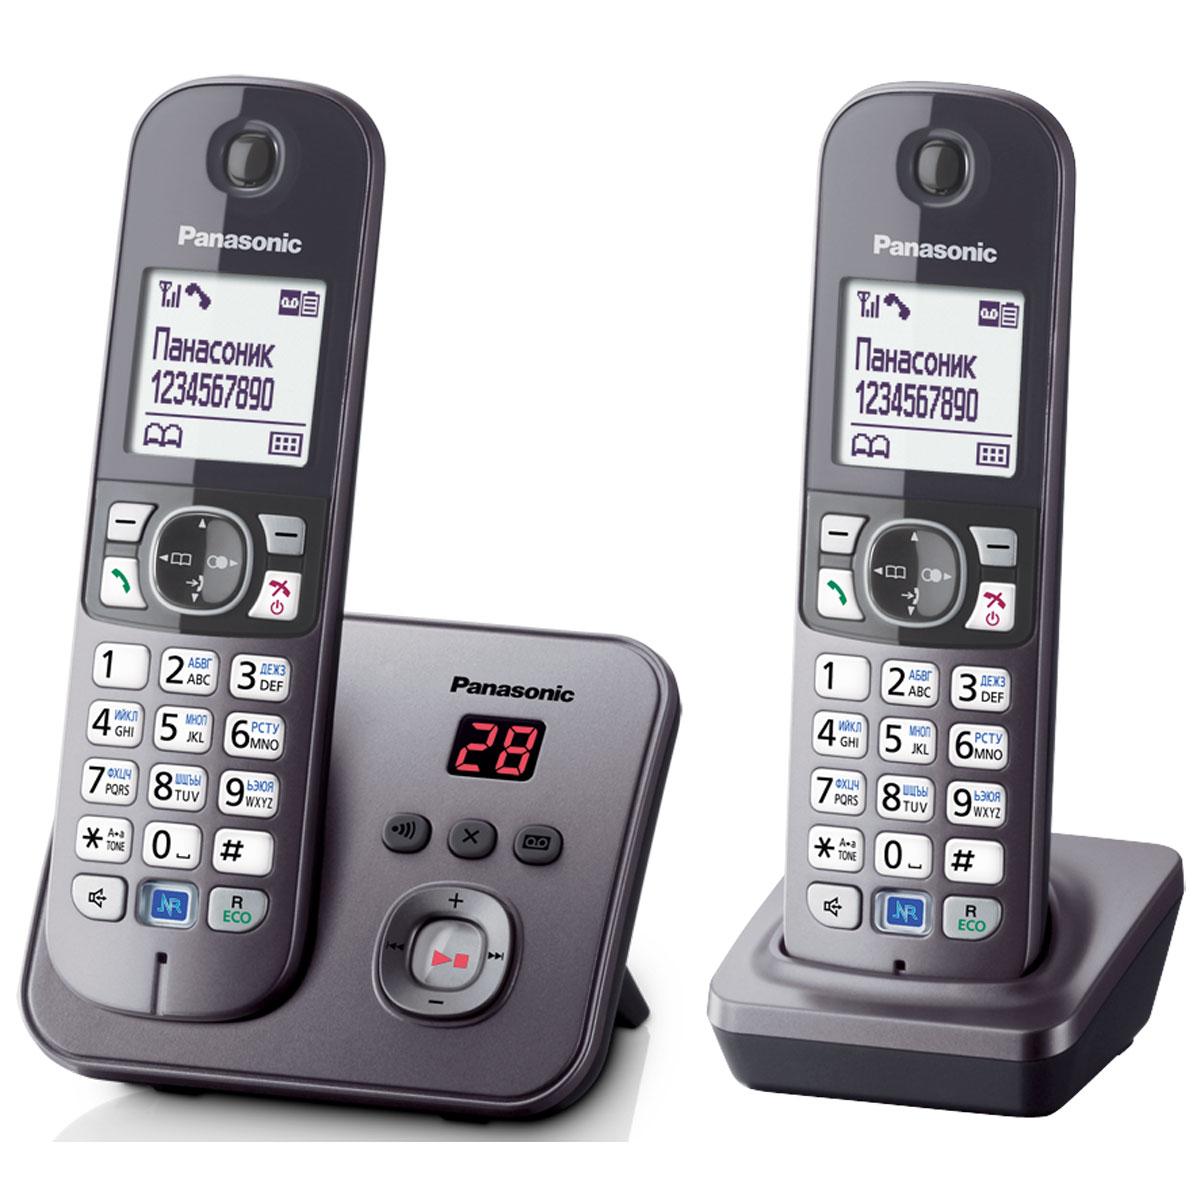 Panasonic KX-TG6822 RUM DECT телефонKX-TG6822RUMDECT телефон Panasonic KX-TG6822RUM.Функция радионяня - вы можете осуществлять акустический контроль помещения, например, детской из других комнат в доме - одна трубка устанавливается рядом с ребенком, а вторая - у родителей.Снижение фонового шума позволяет улучшить качество связи.Panasonic KX-TG6822RUM имеет в комплекте дополнительную трубку.блокировка клавиатуры русифицированное меню часы, дата на дисплее будильник с повторным сигналом и установкой по дням недели повторный набор